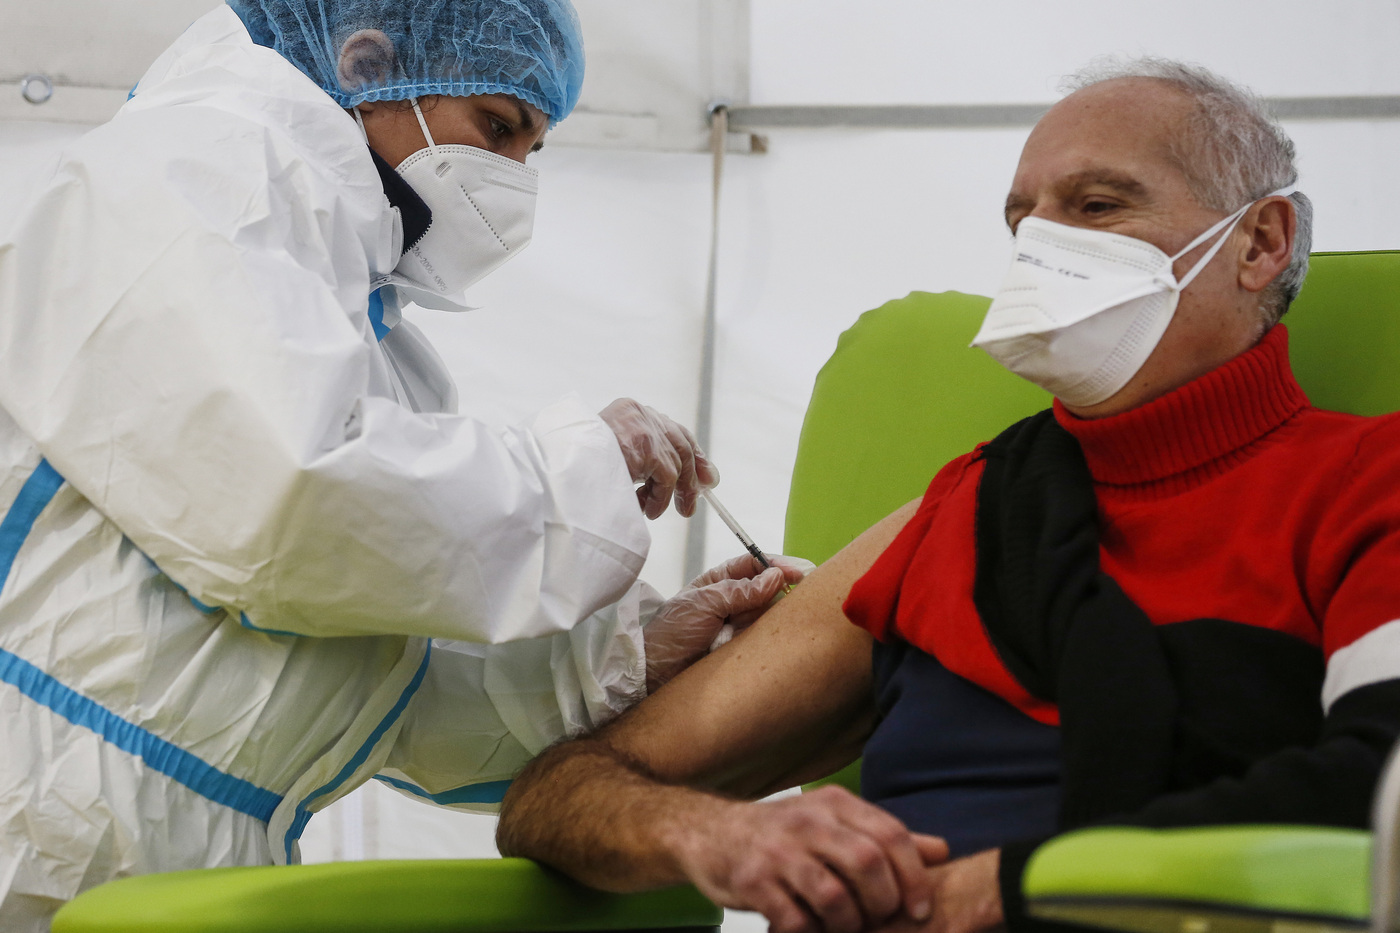 Svolta vaccini, accordo firmato: i medici di famiglia somministreranno il vaccino